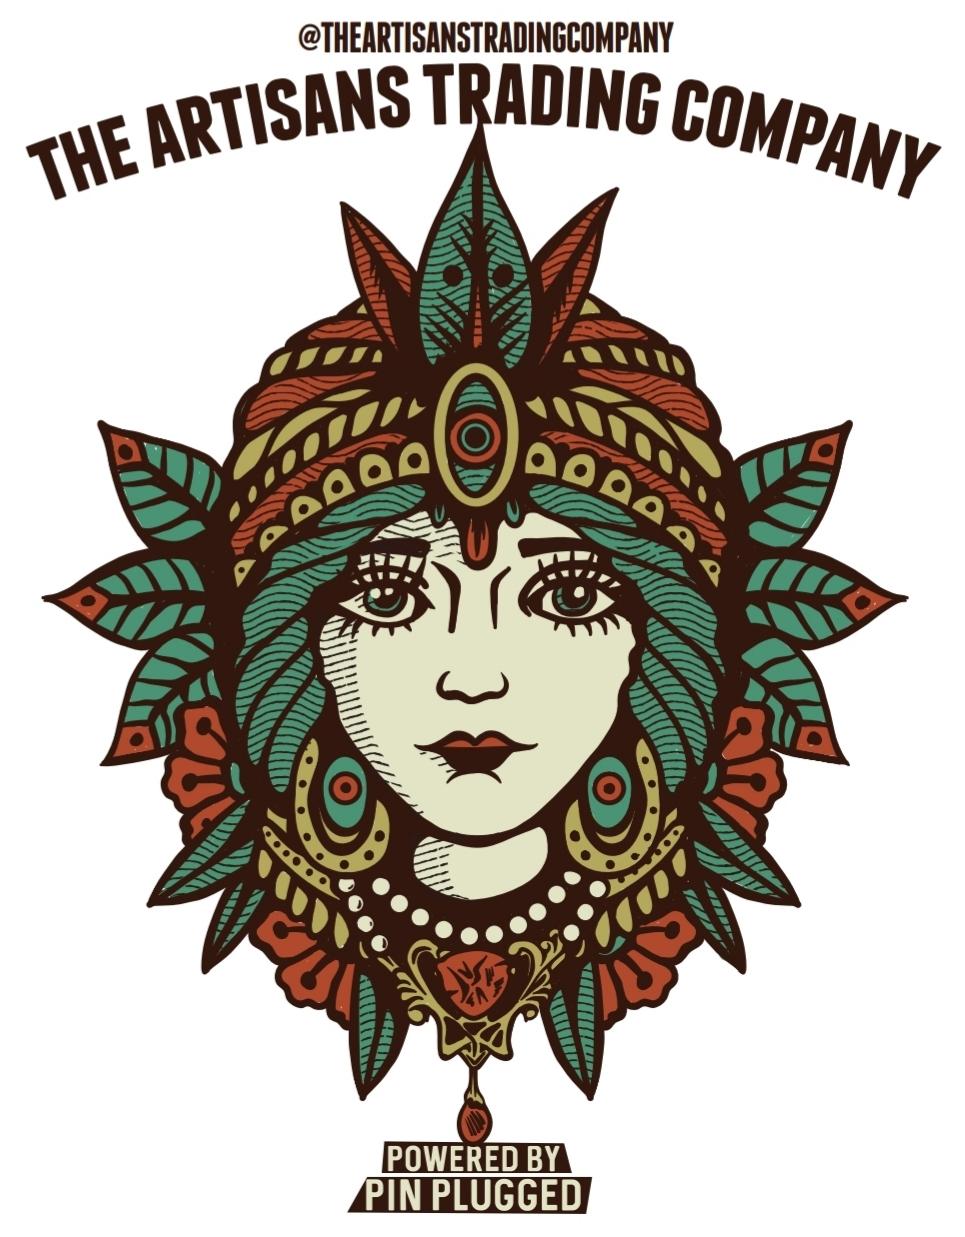 The Artisans Trading Company